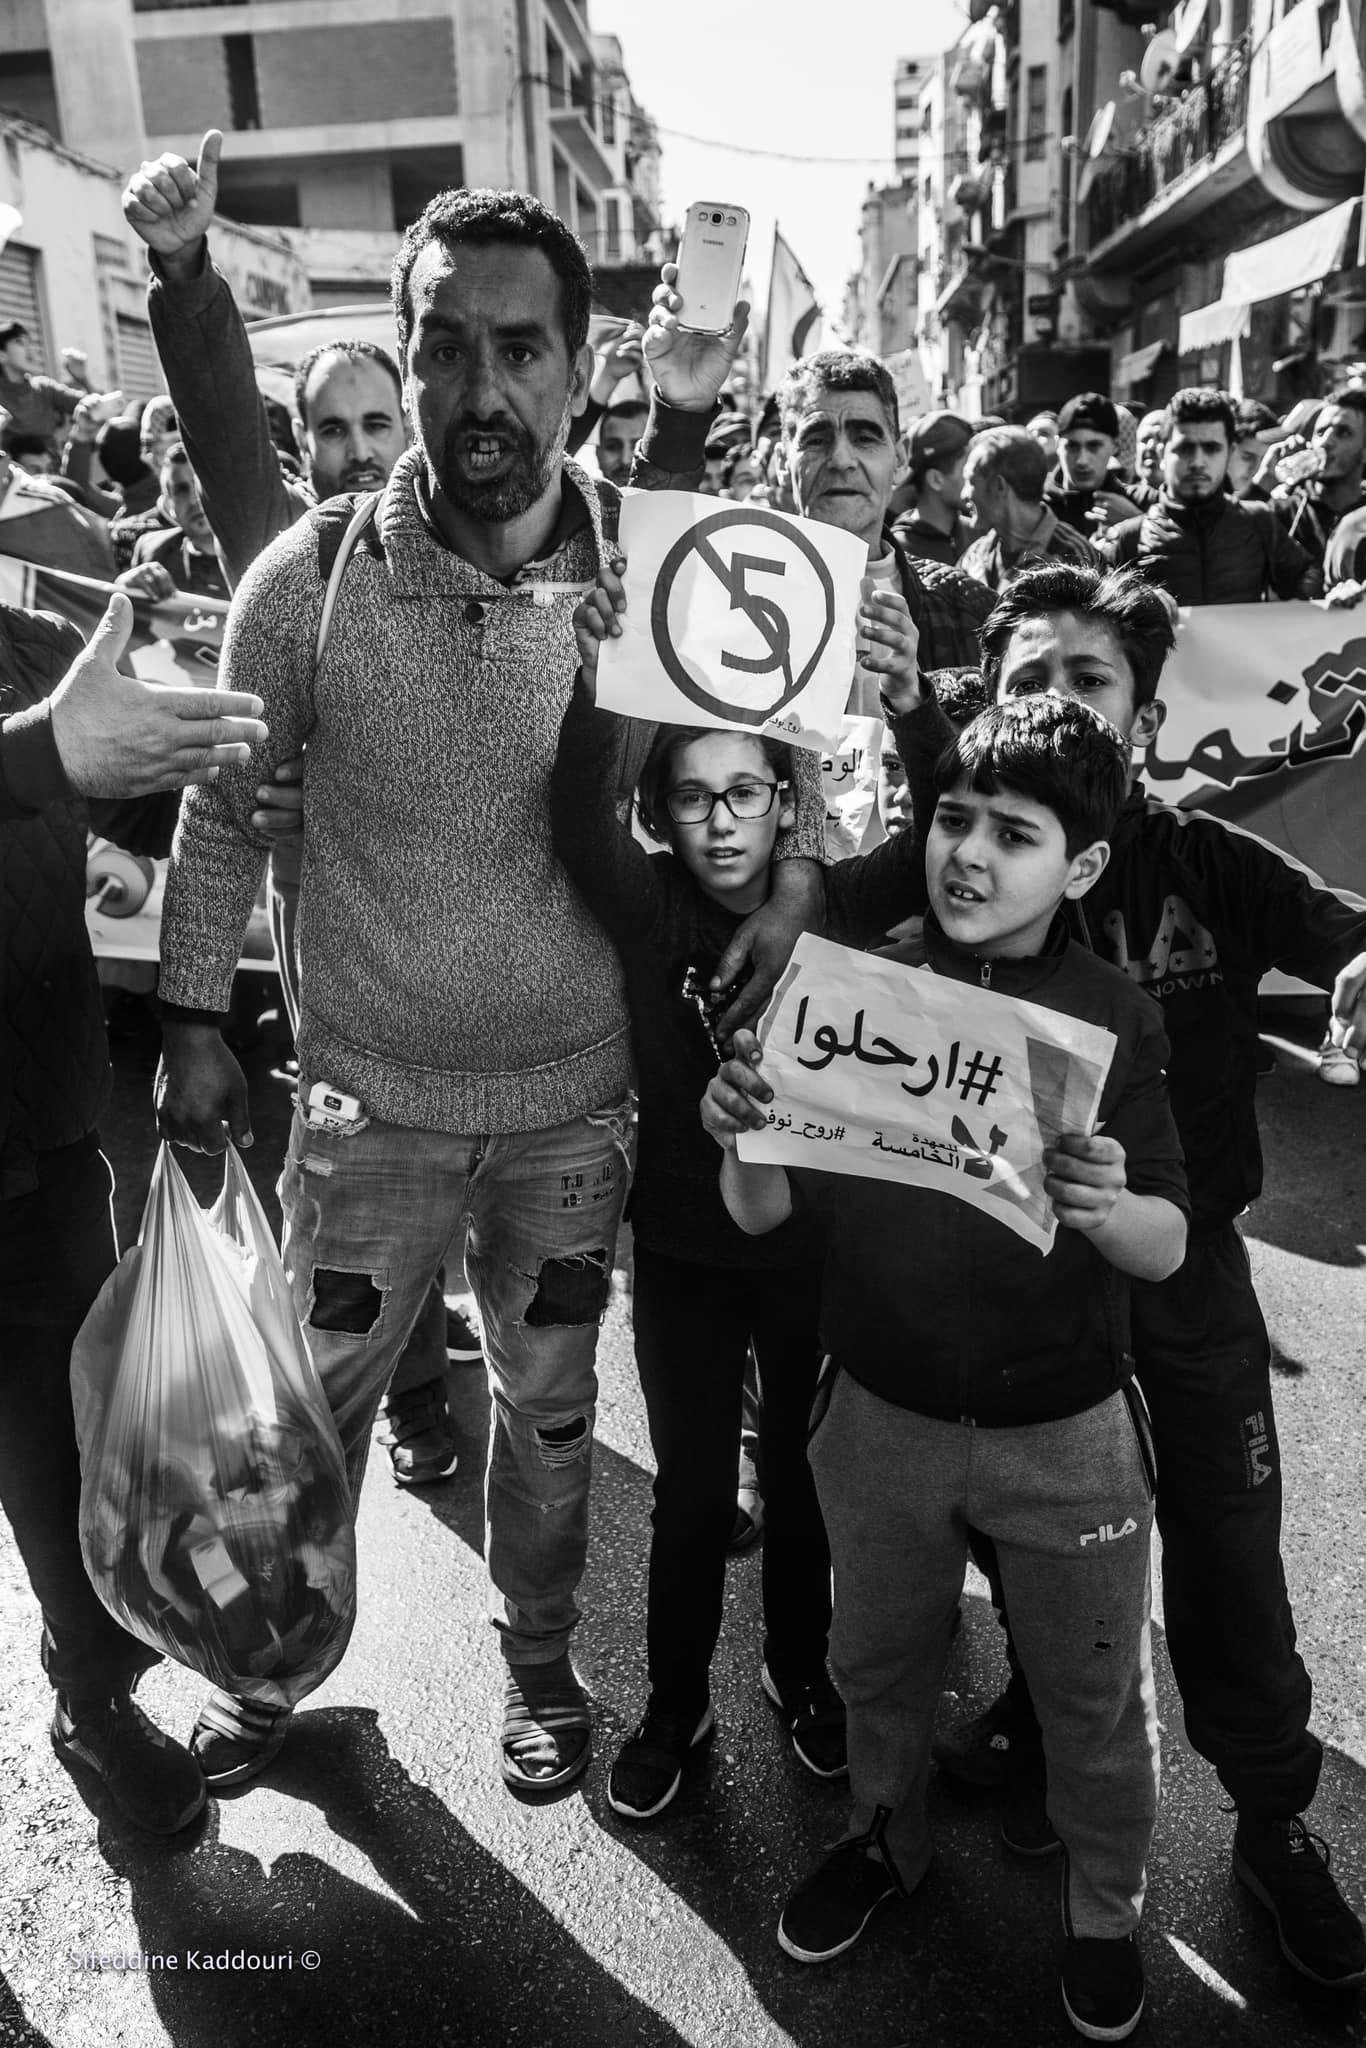 01.03.19 Protesty w Oranie, Algieria